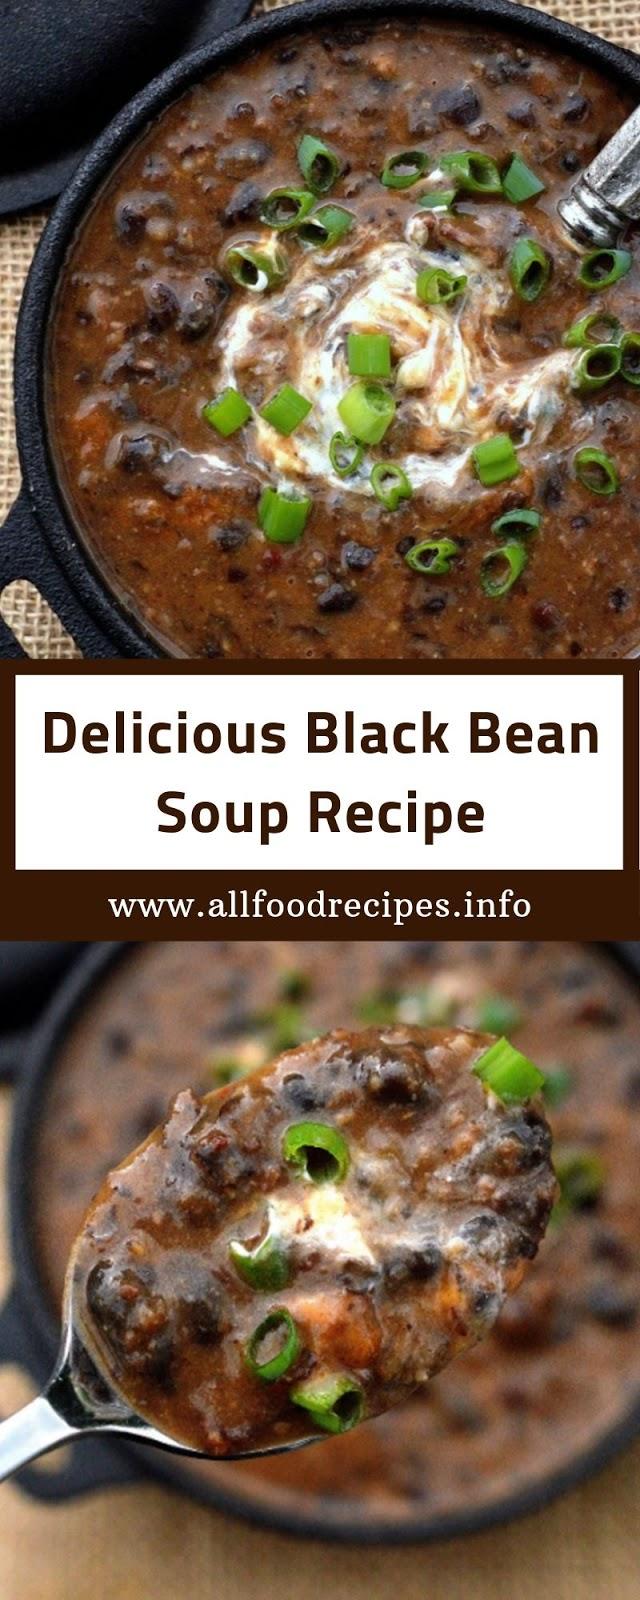 Delicious Black Bean Soup Recipe